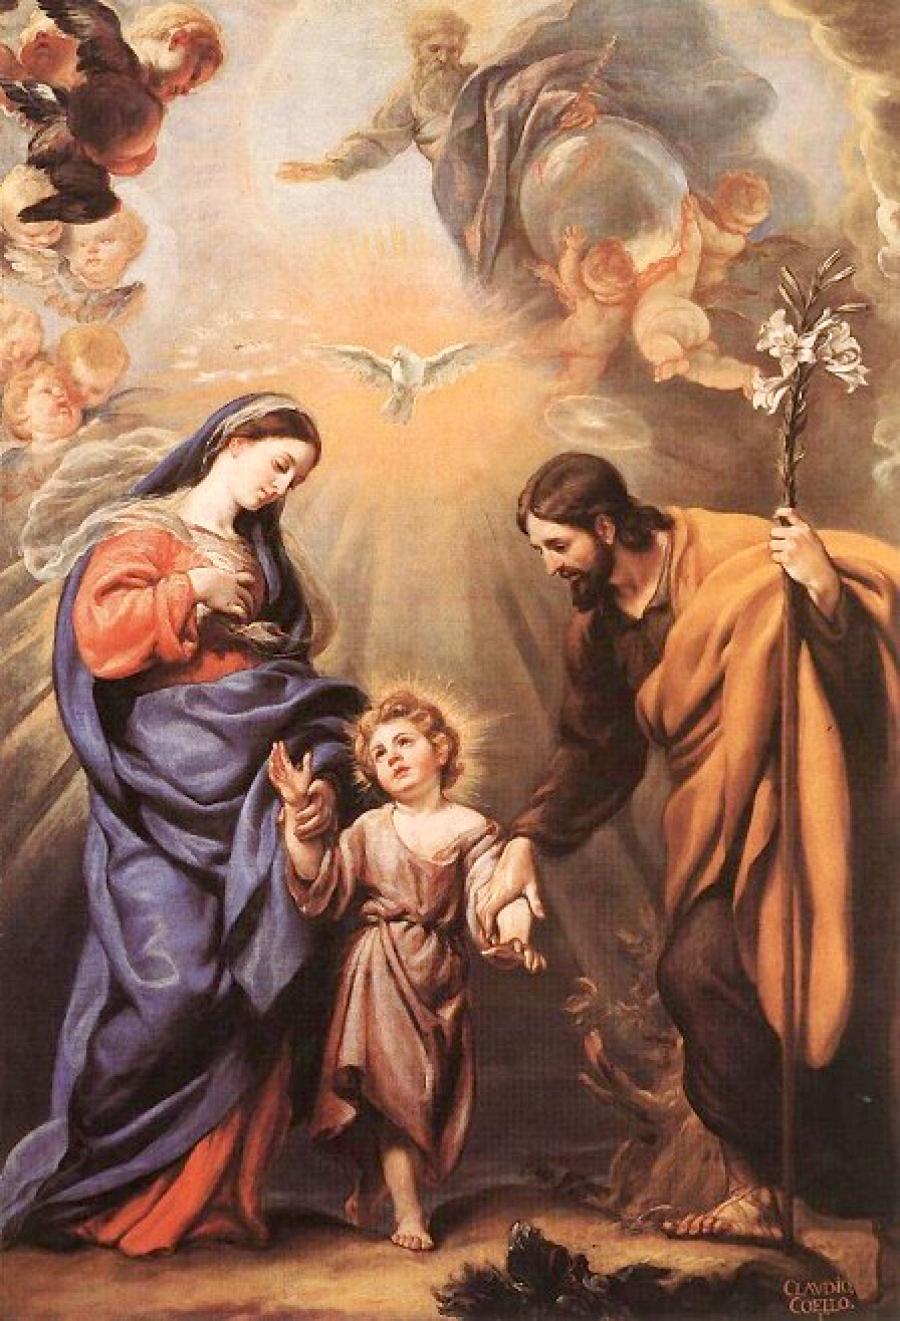 Der bodenständige Jesus steht zwischen Josef und Maria. Über ihm ist der Heilige Geist als Taube sichtbar. Darüber ist Gott Vater als Schöpfer und über den Wolken zu sehen.